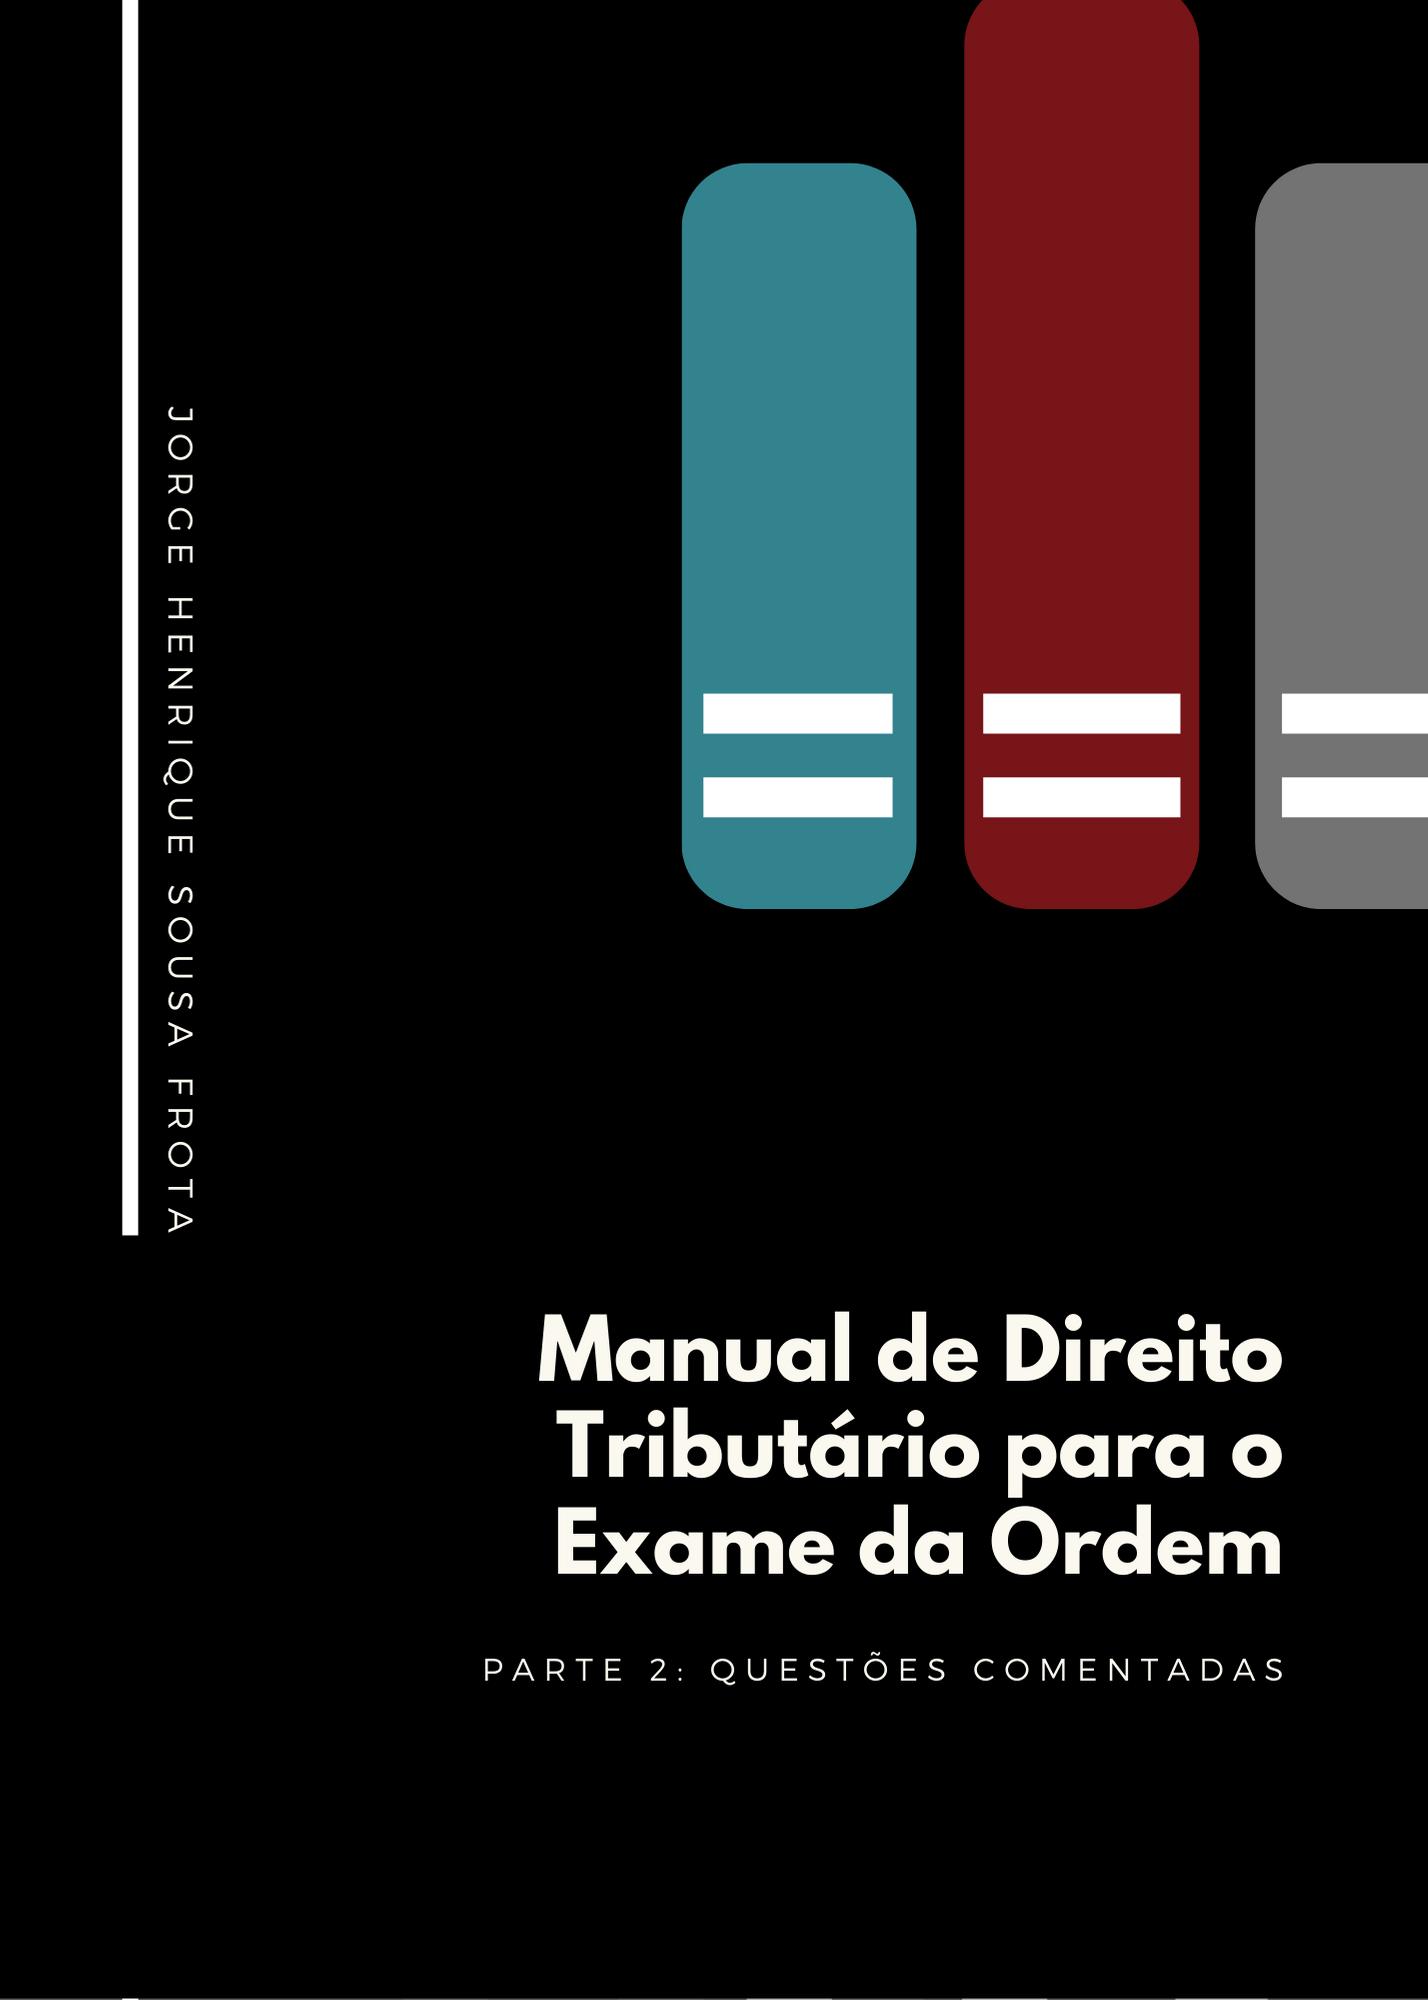 MANUAL DE DIREITO TRIBUTÁRIO PARA O EXAME DA ORDEM - PARTE 02: QUESTÕES COMENTADAS